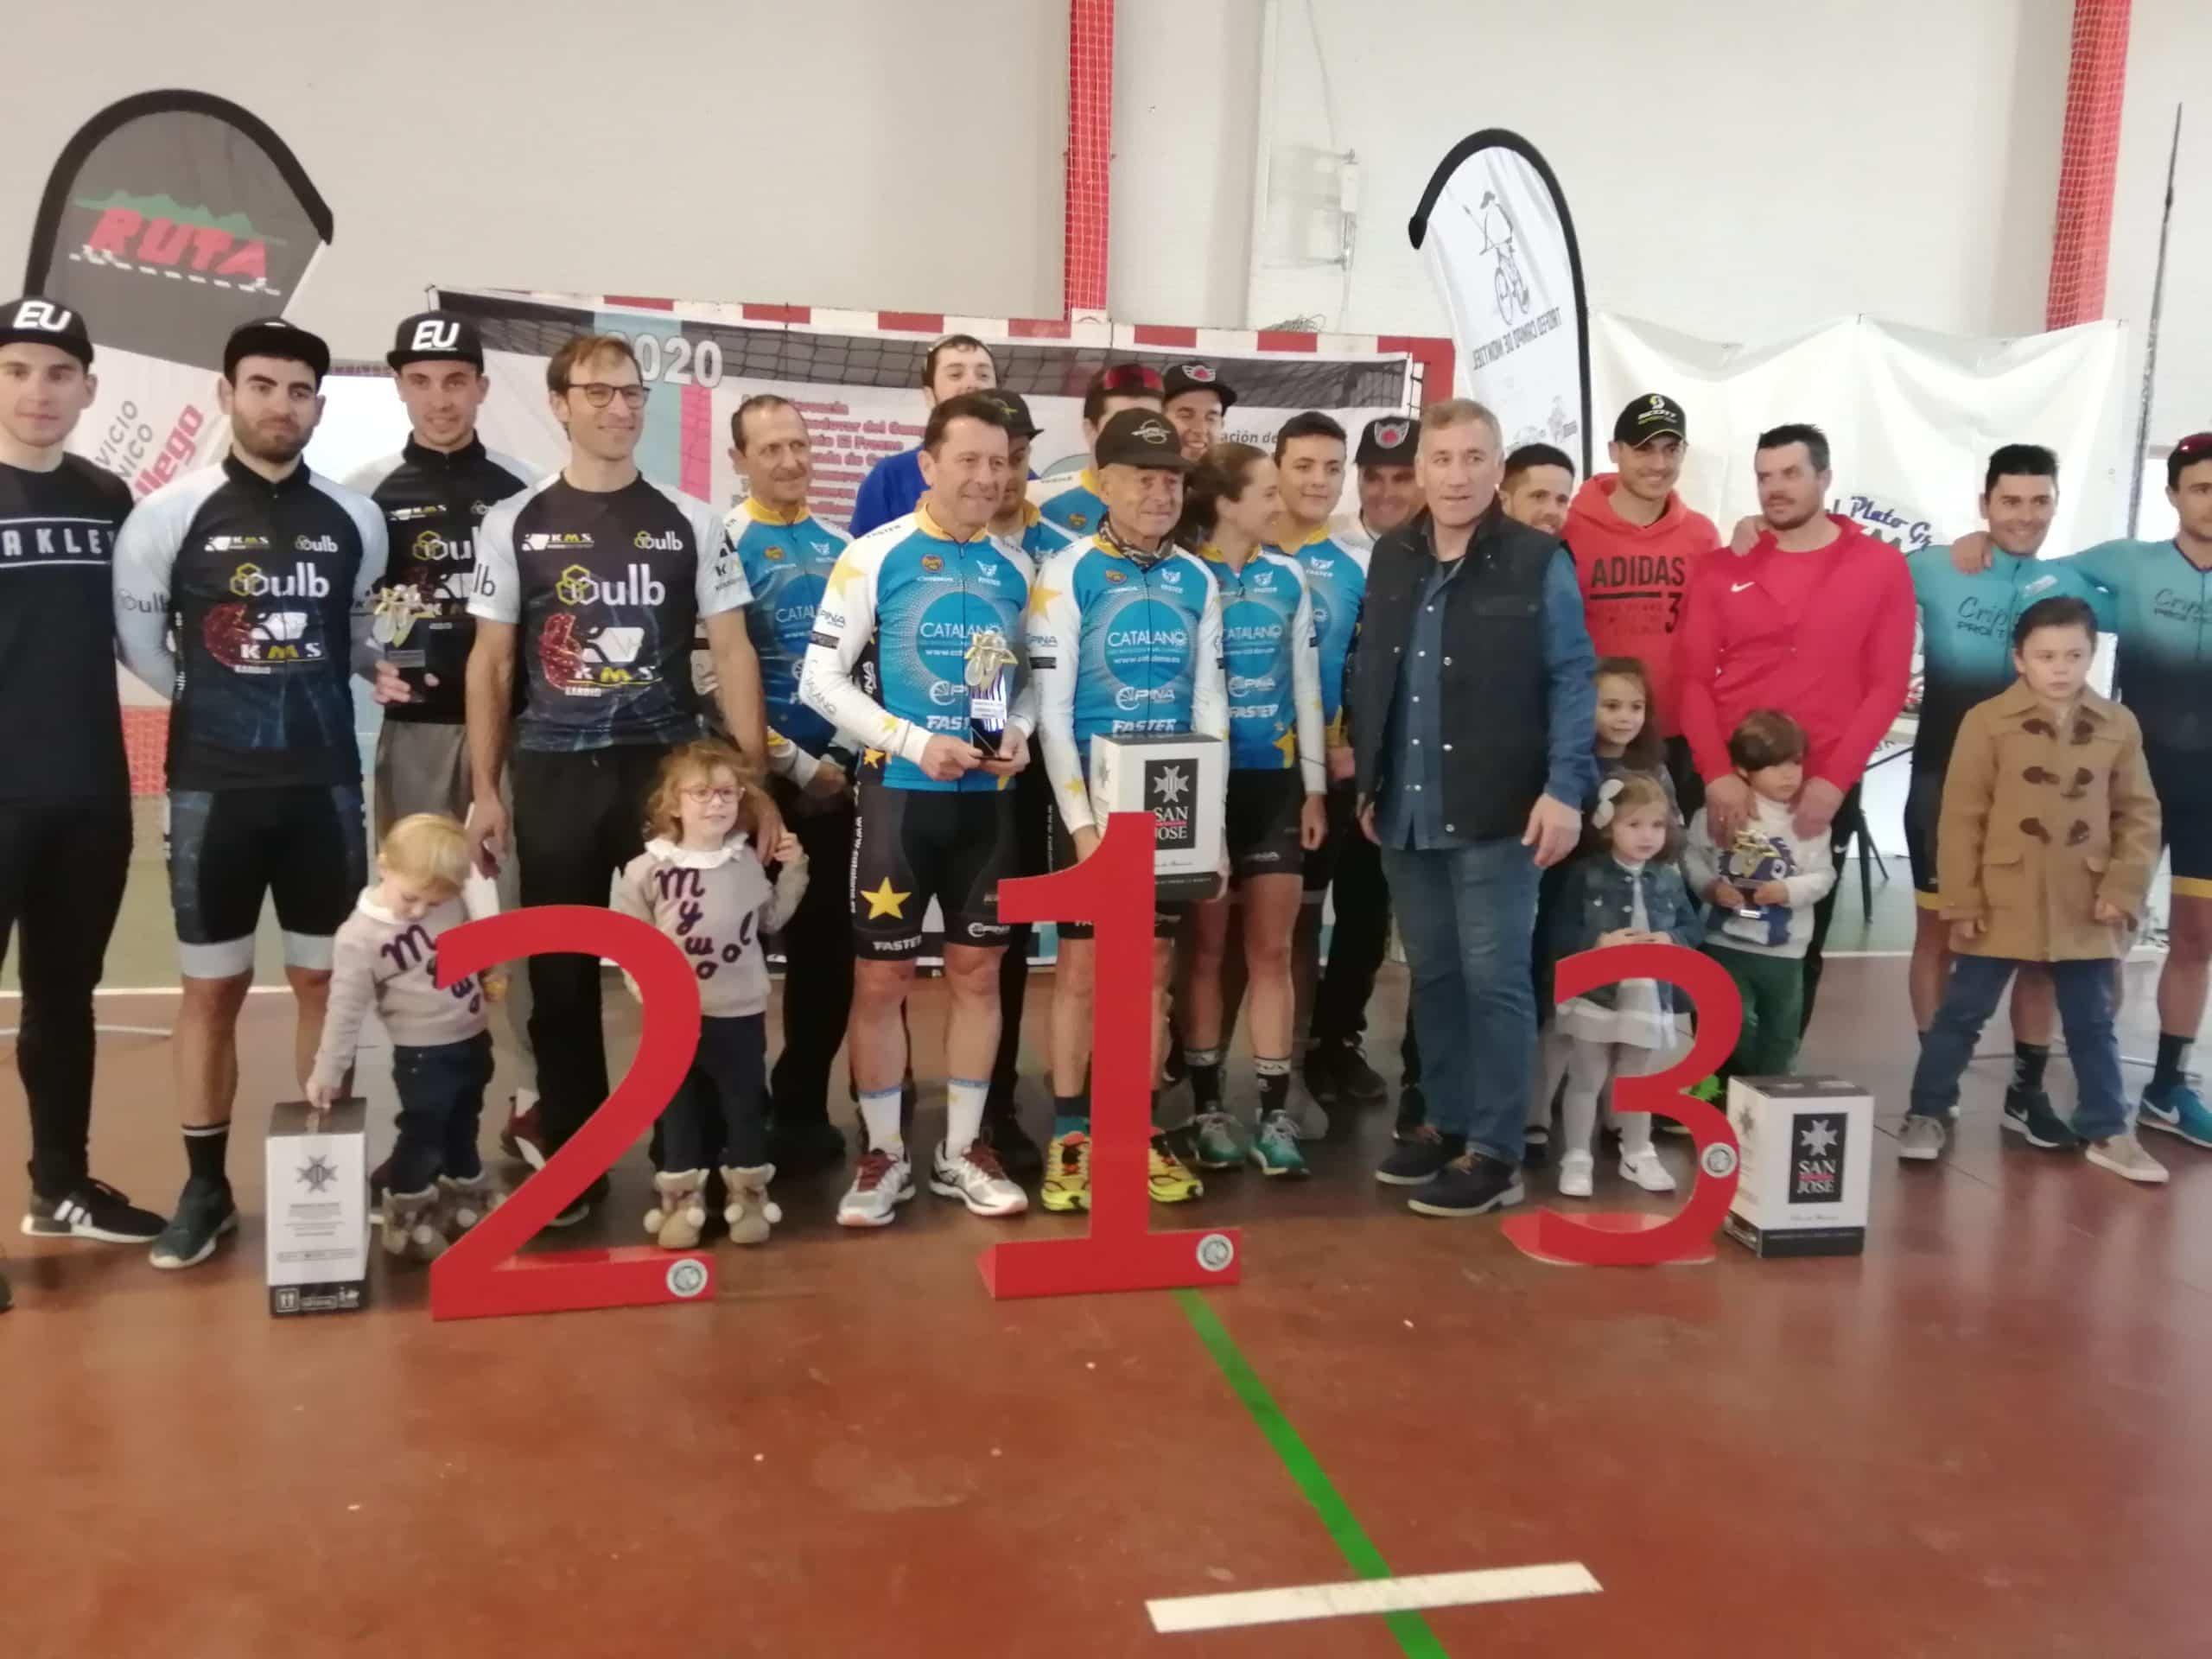 X circuito BTT herencia entrega premios 4 scaled - Más de 200 corredores participaron en el X Circuito BTT en Herencia